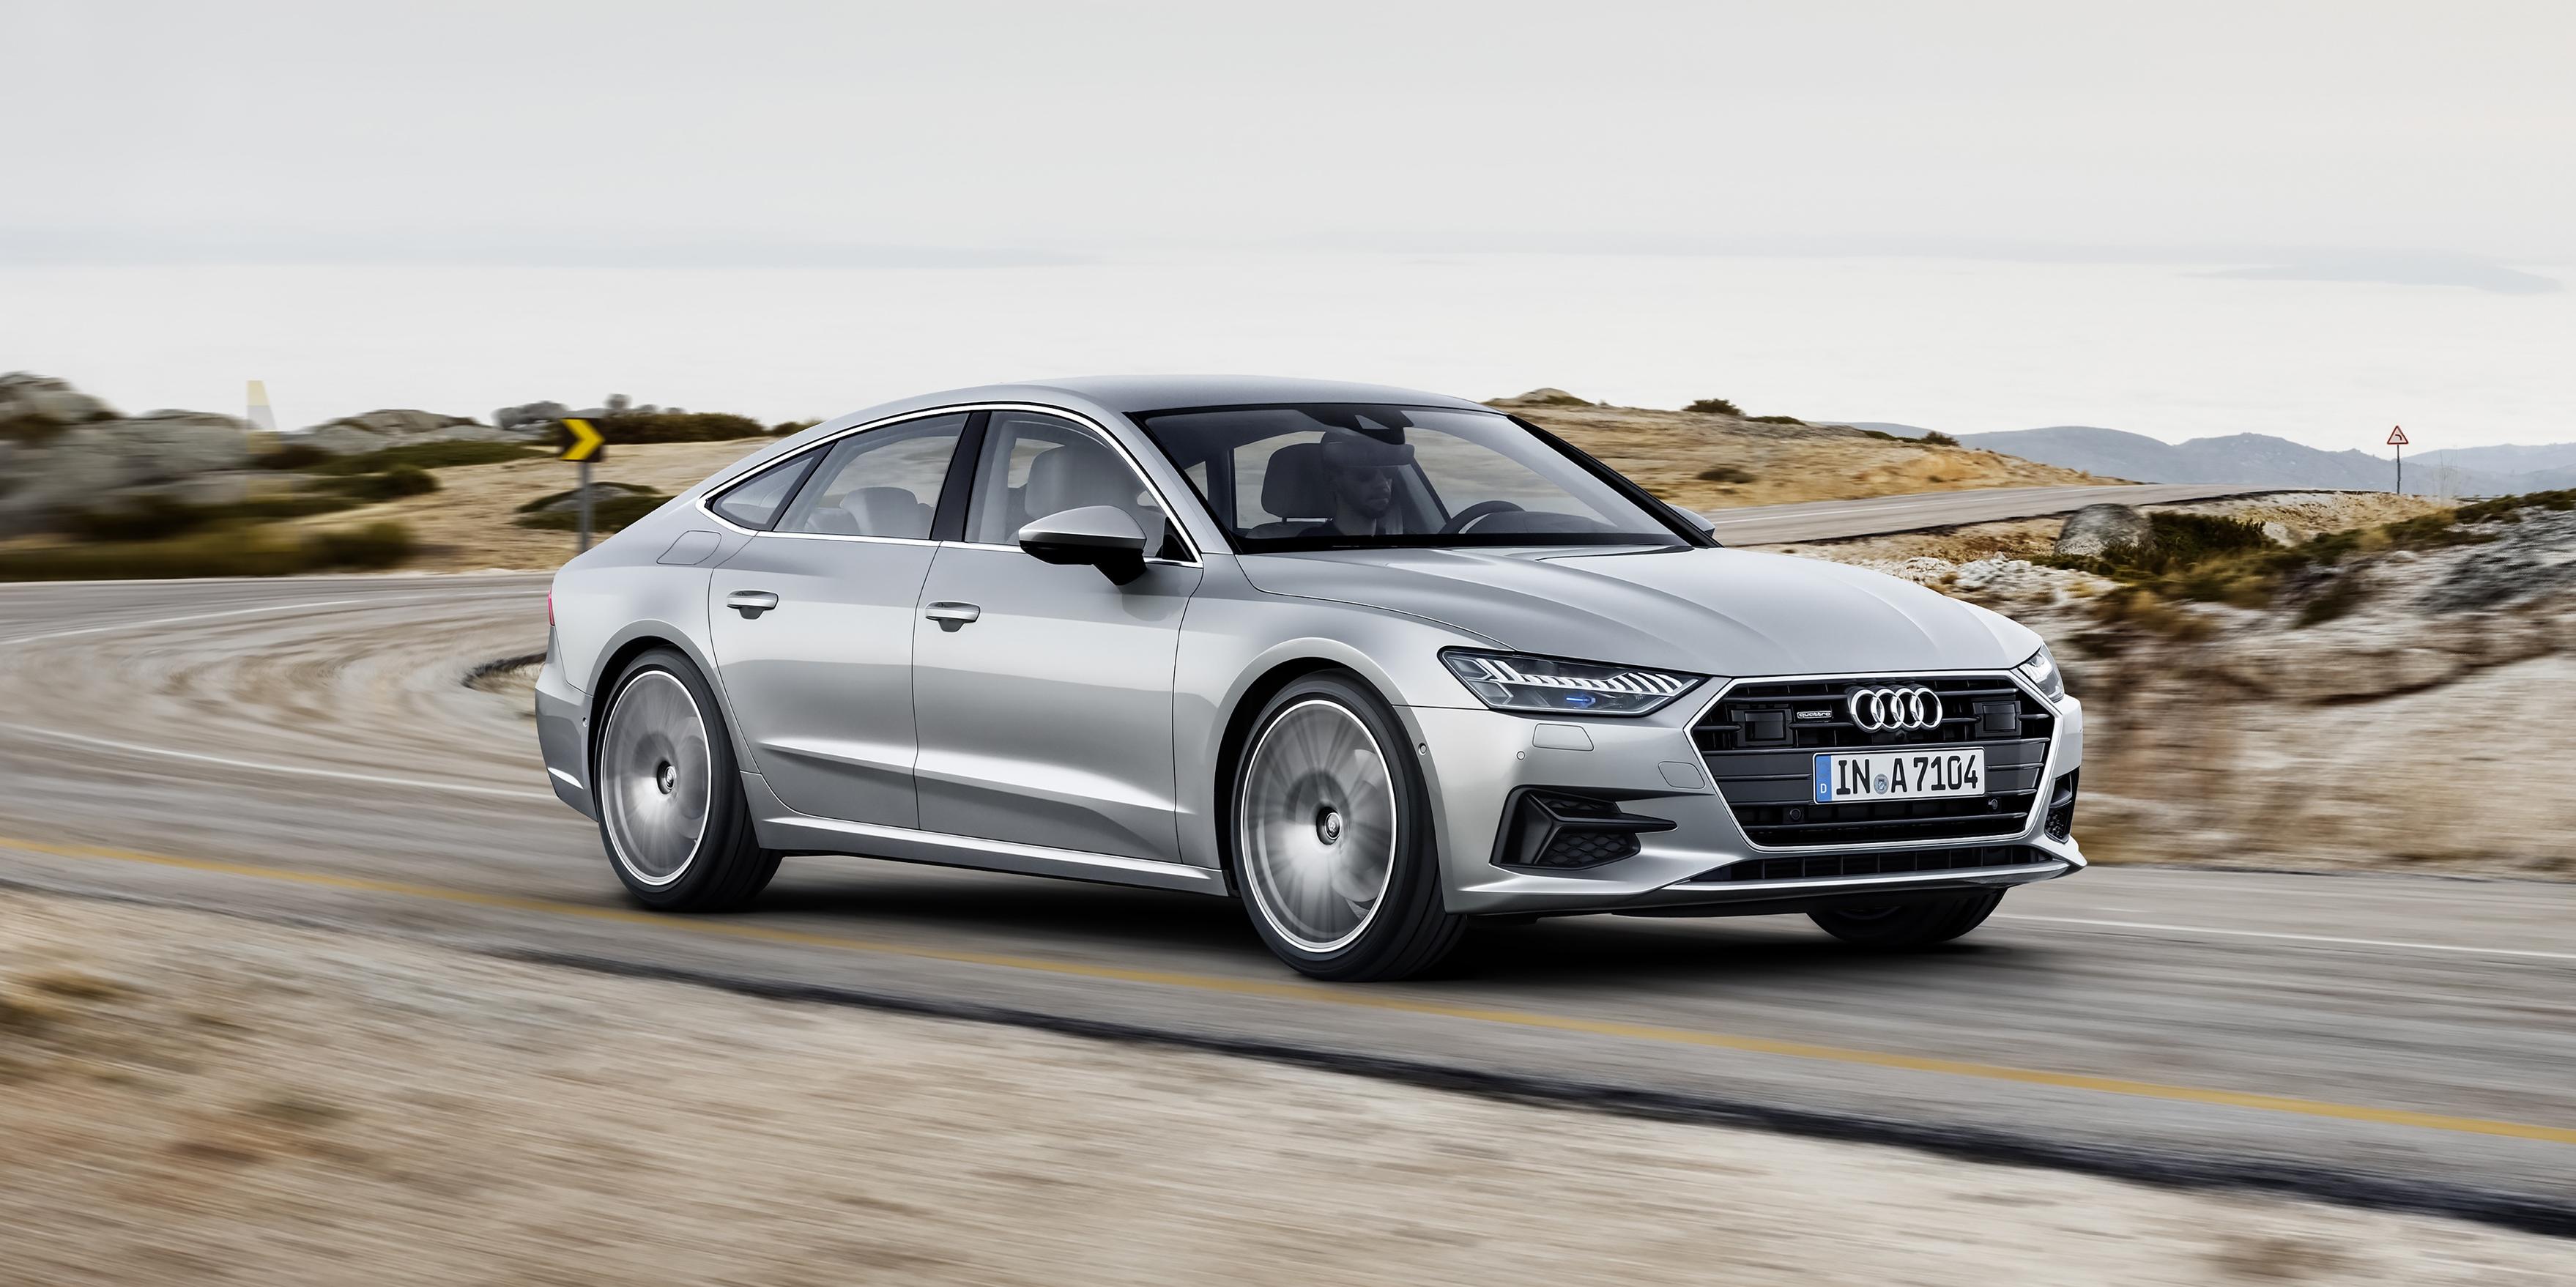 Audi A7 : la voiture statutaire par essence... et électrifiée